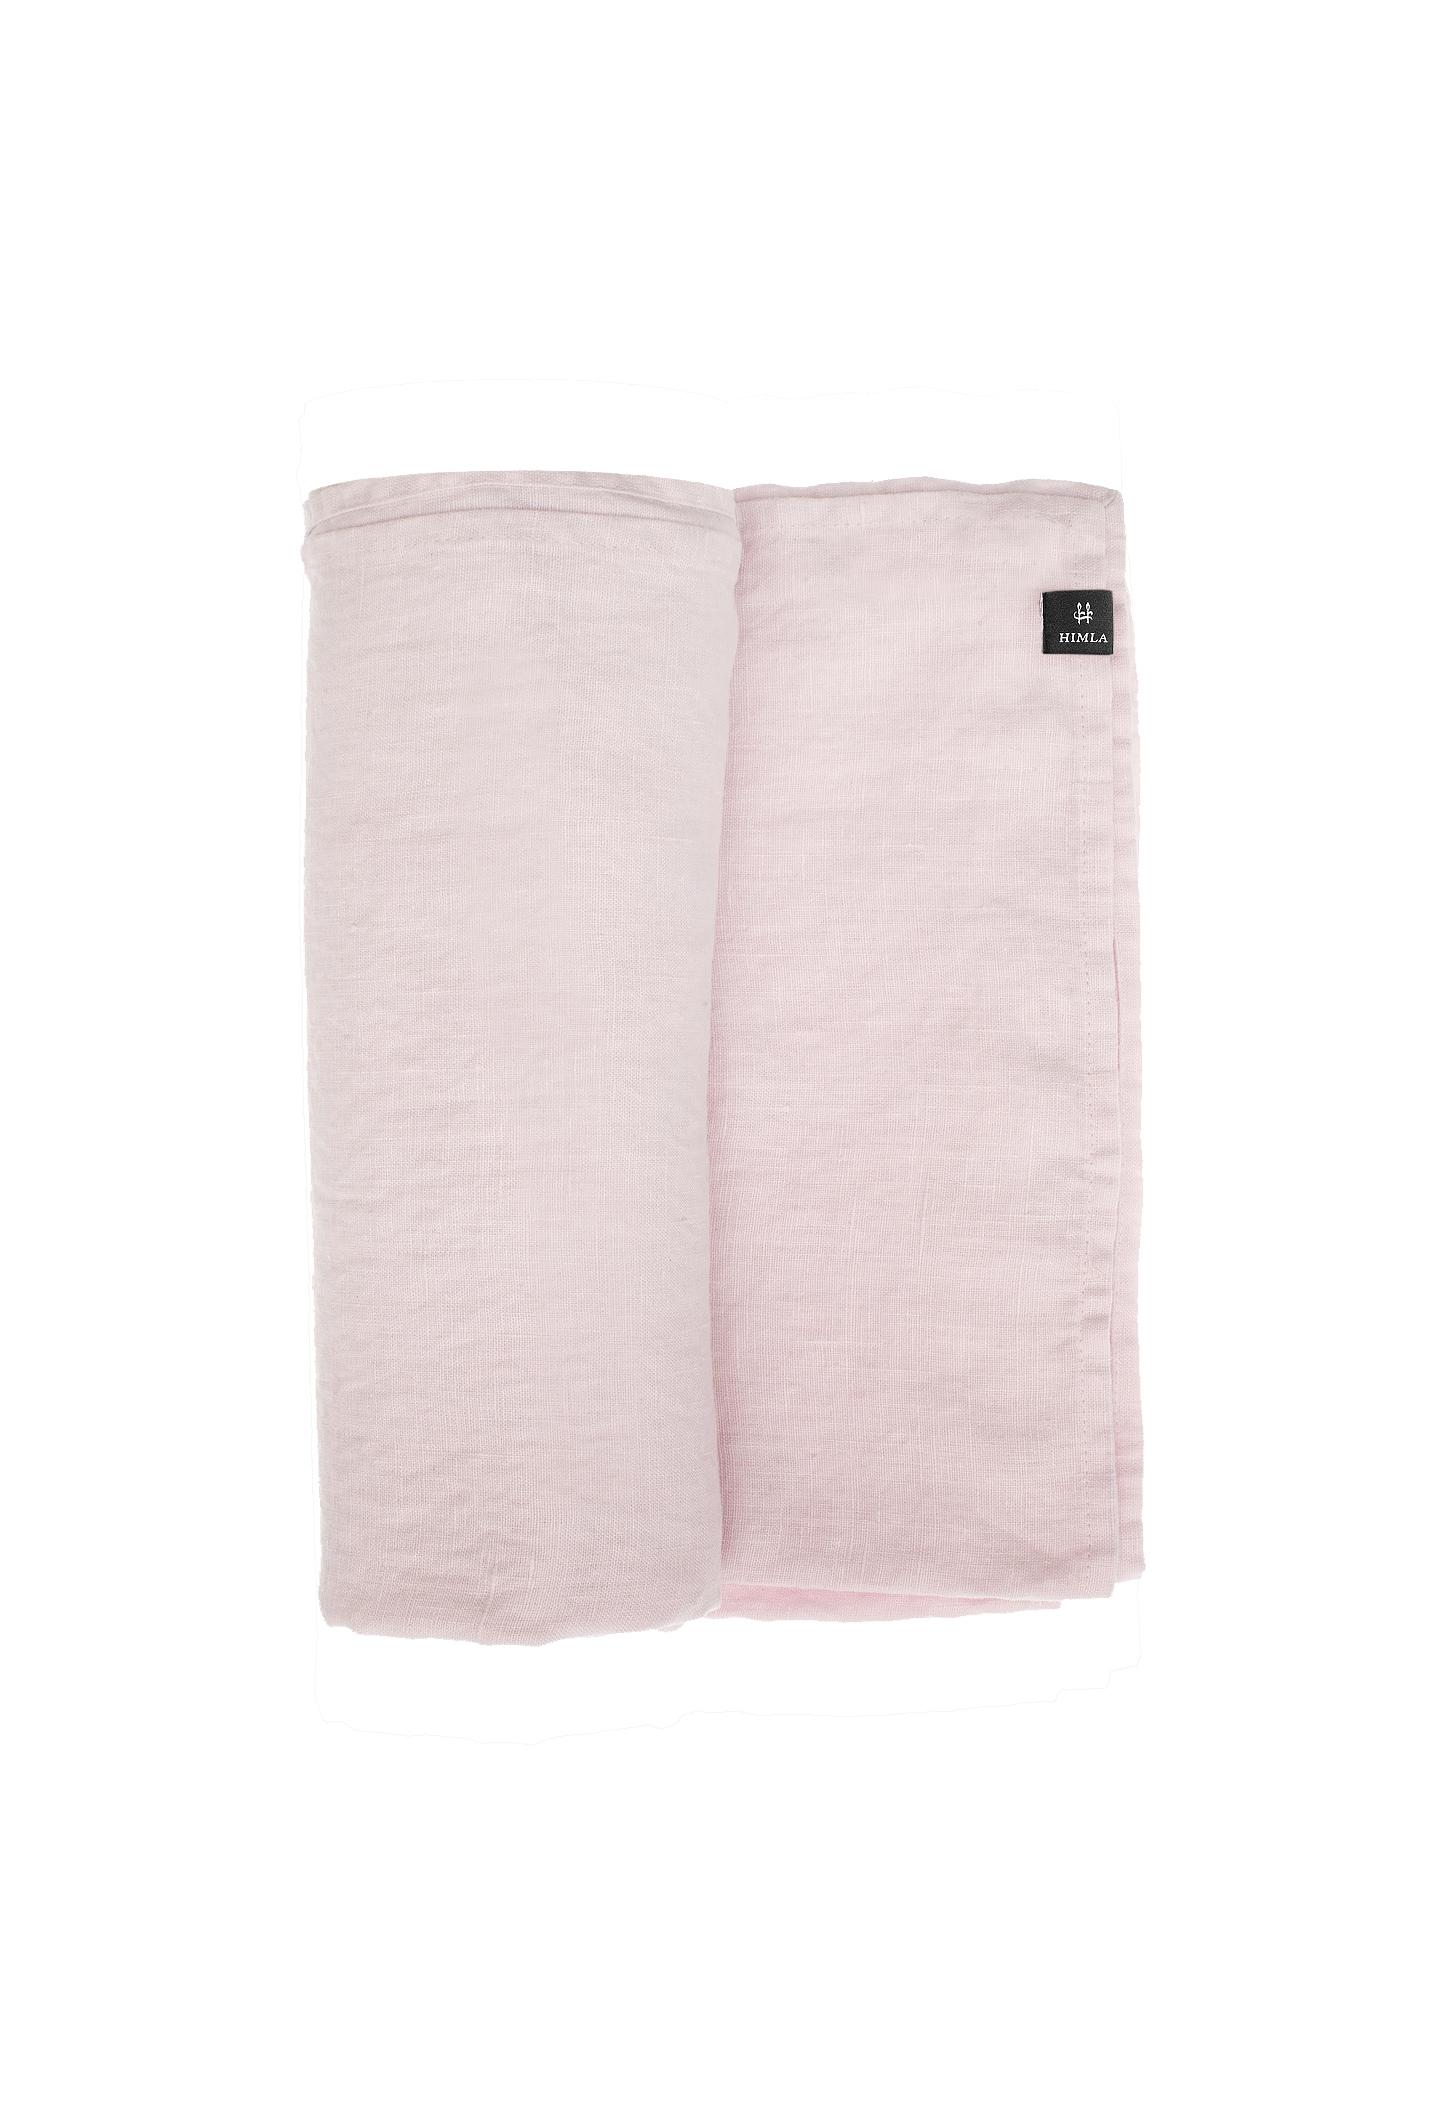 Romance Sunshine Linen Tablecloth 145x250cm, 145x330cm, 160x330cm